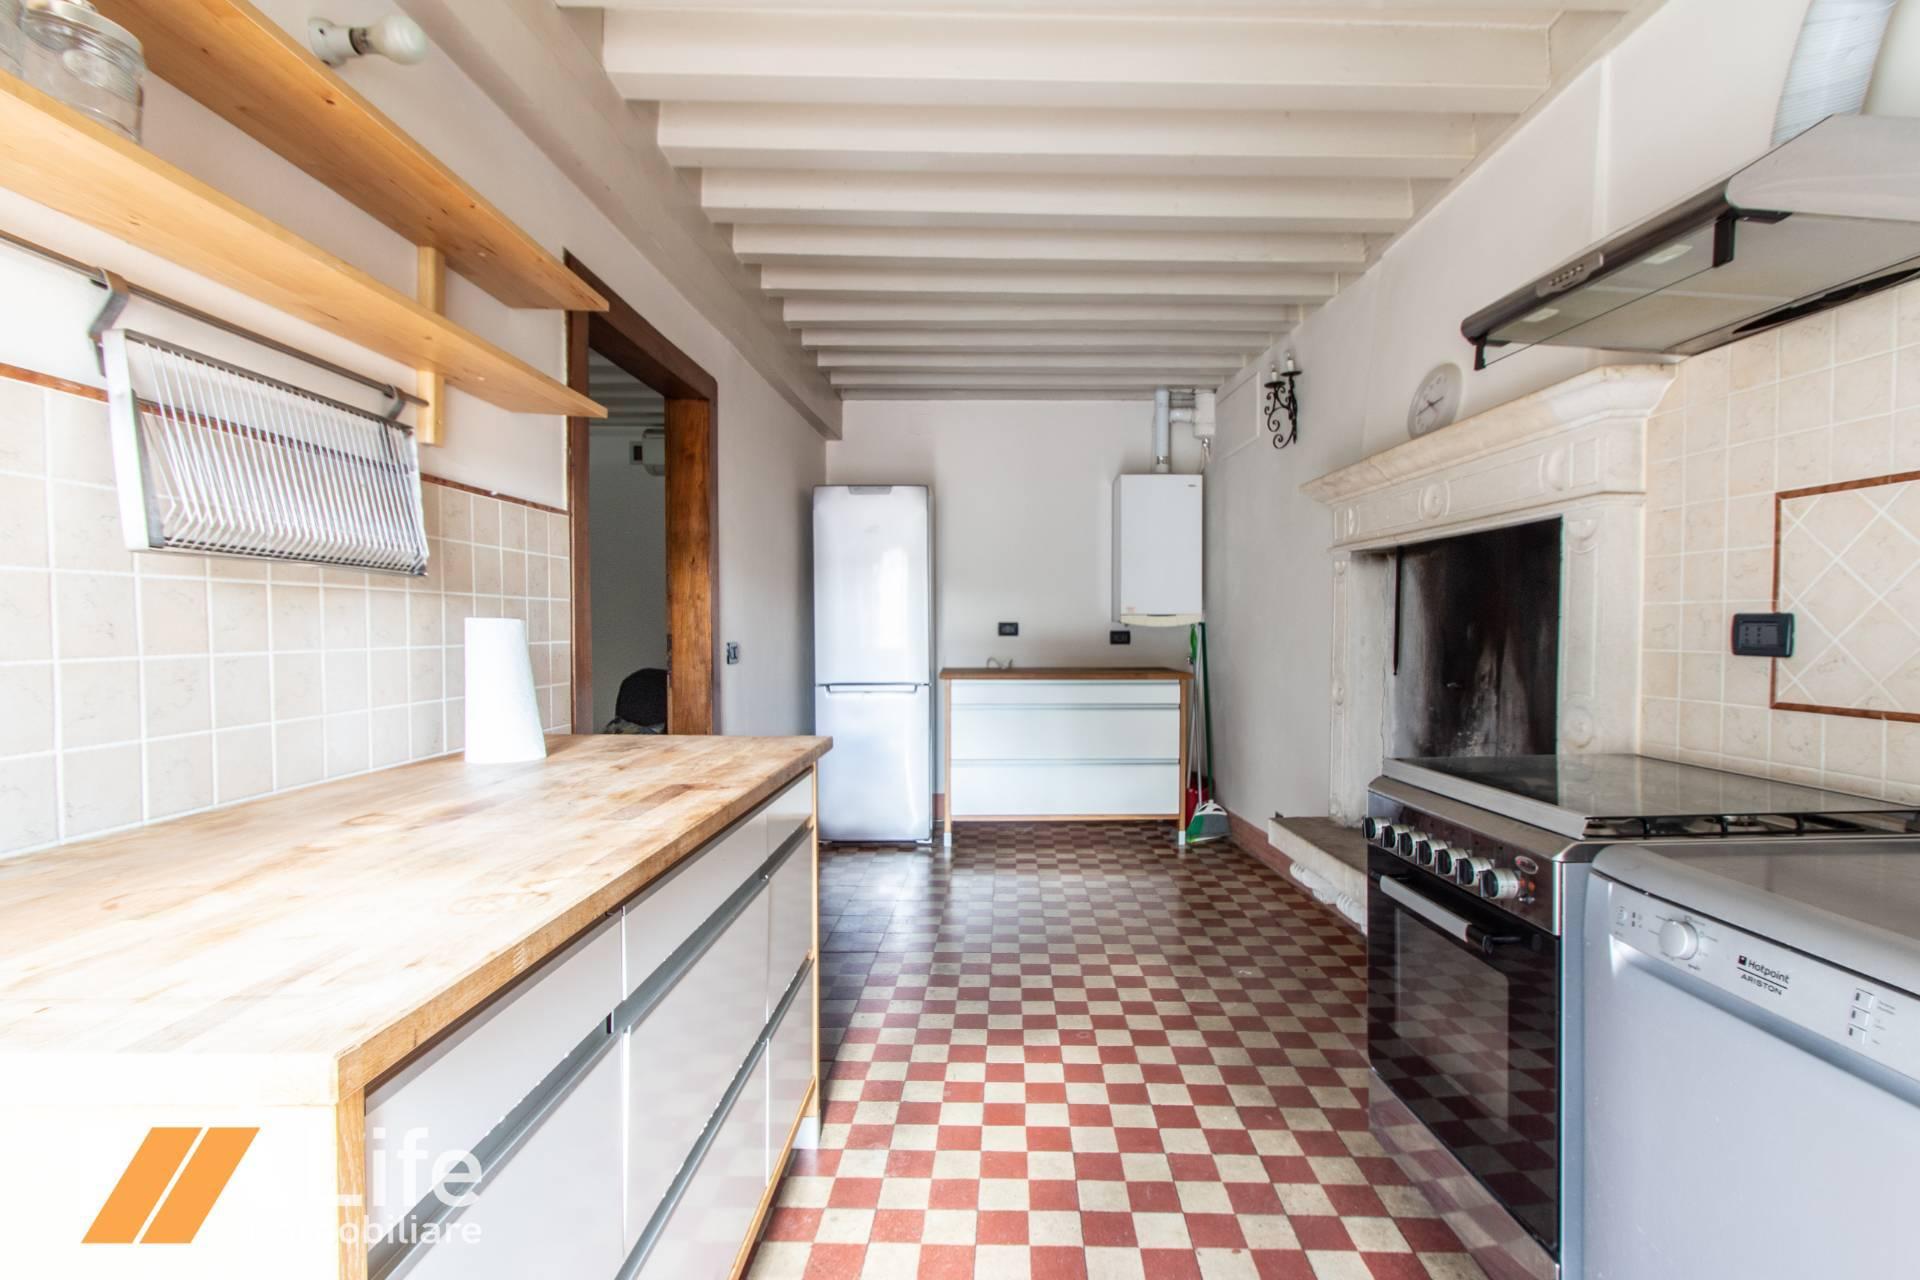 Appartamento VICENZA affitto  Giard. Salvi-C.so Fogazzaro  LIFE immobiliare